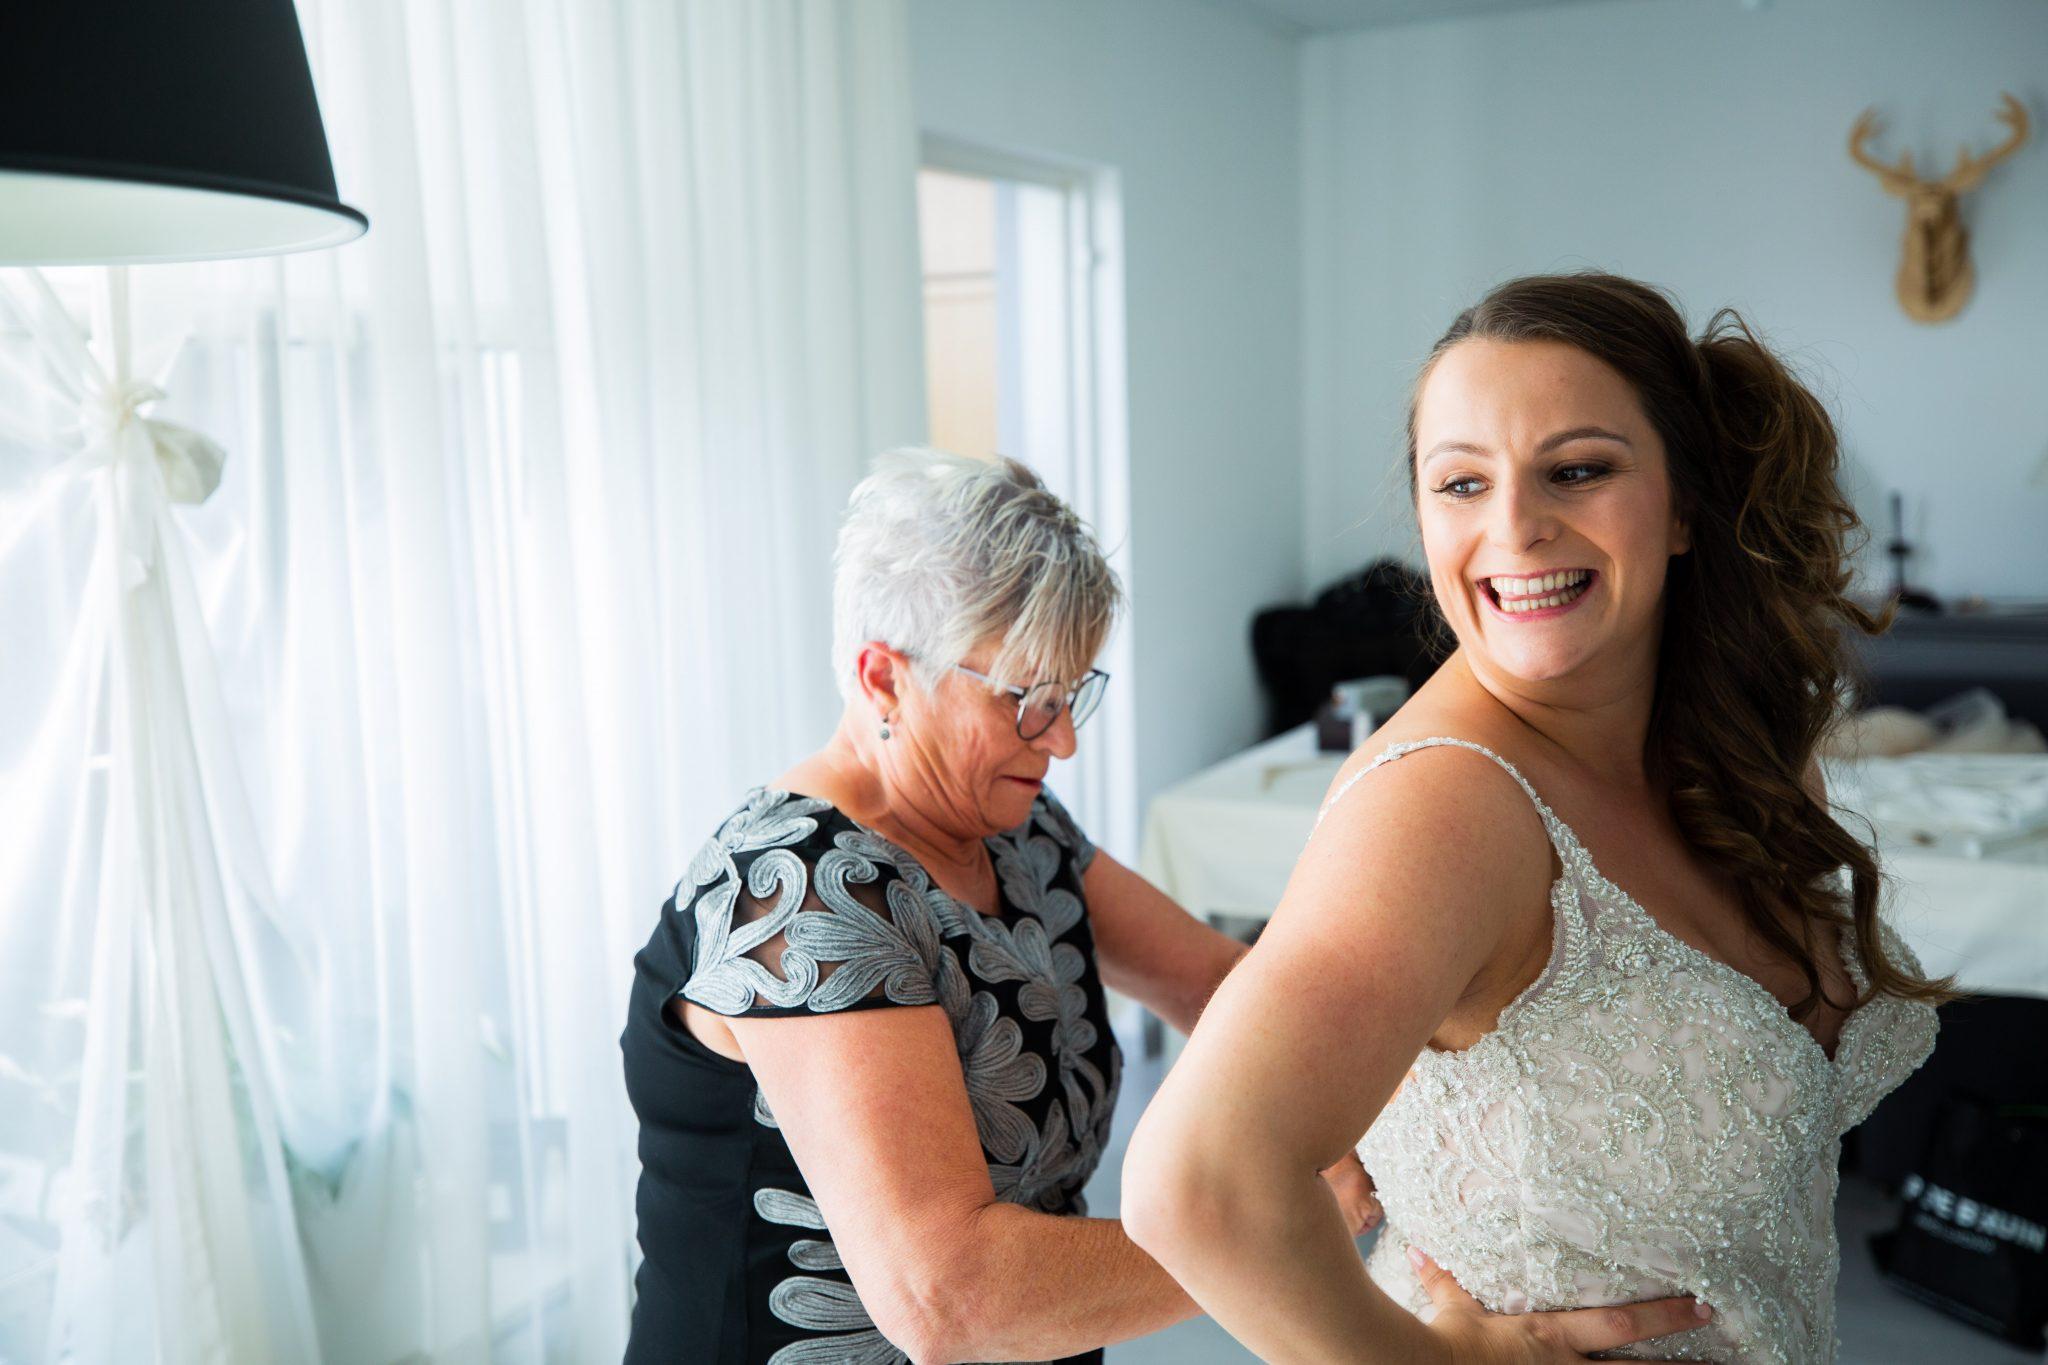 Bruidsfotografie, bruid trekt haar trouwjurk aan